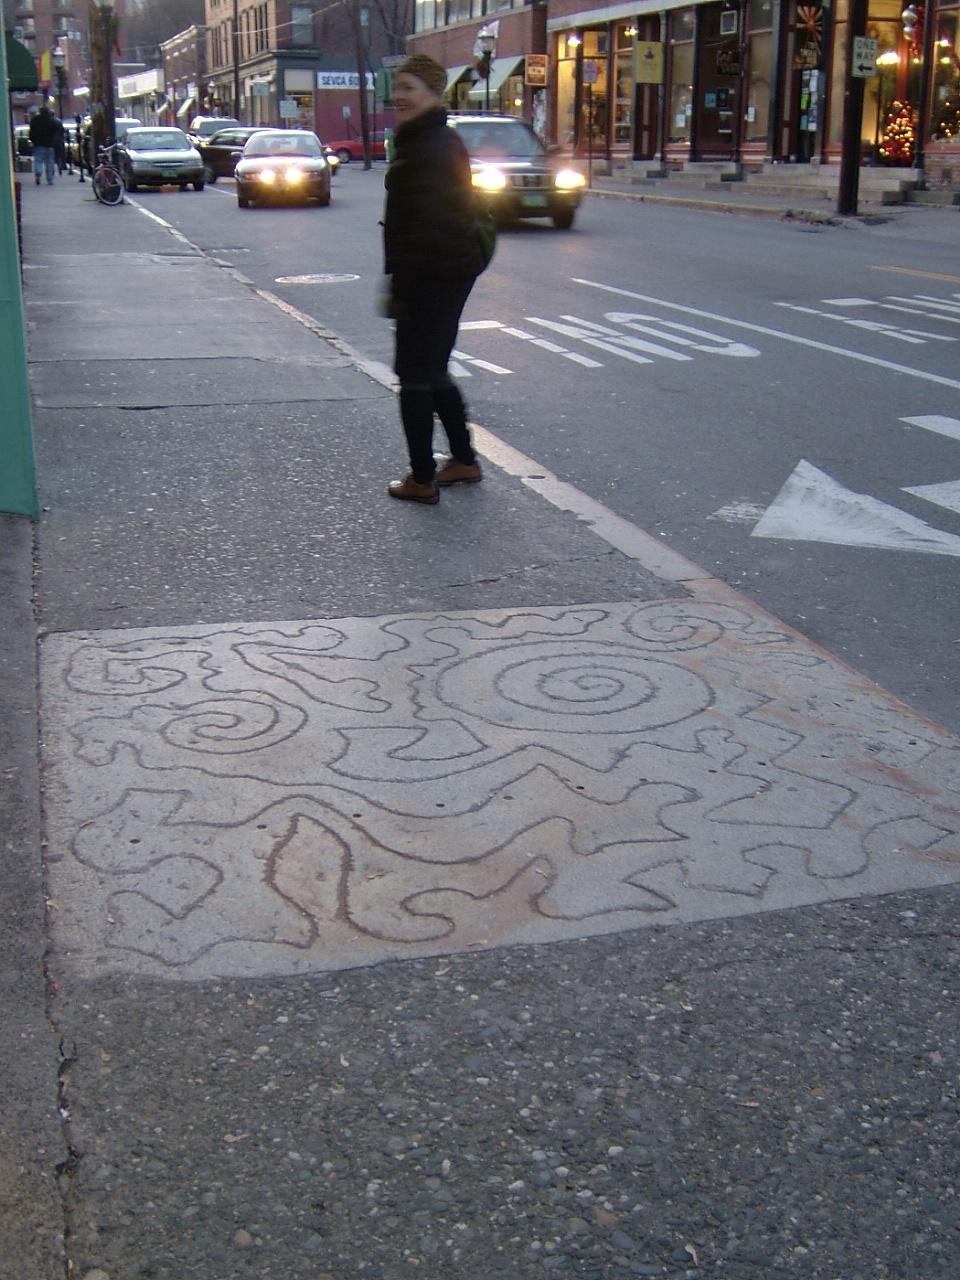 Elliot St, NY - 2007